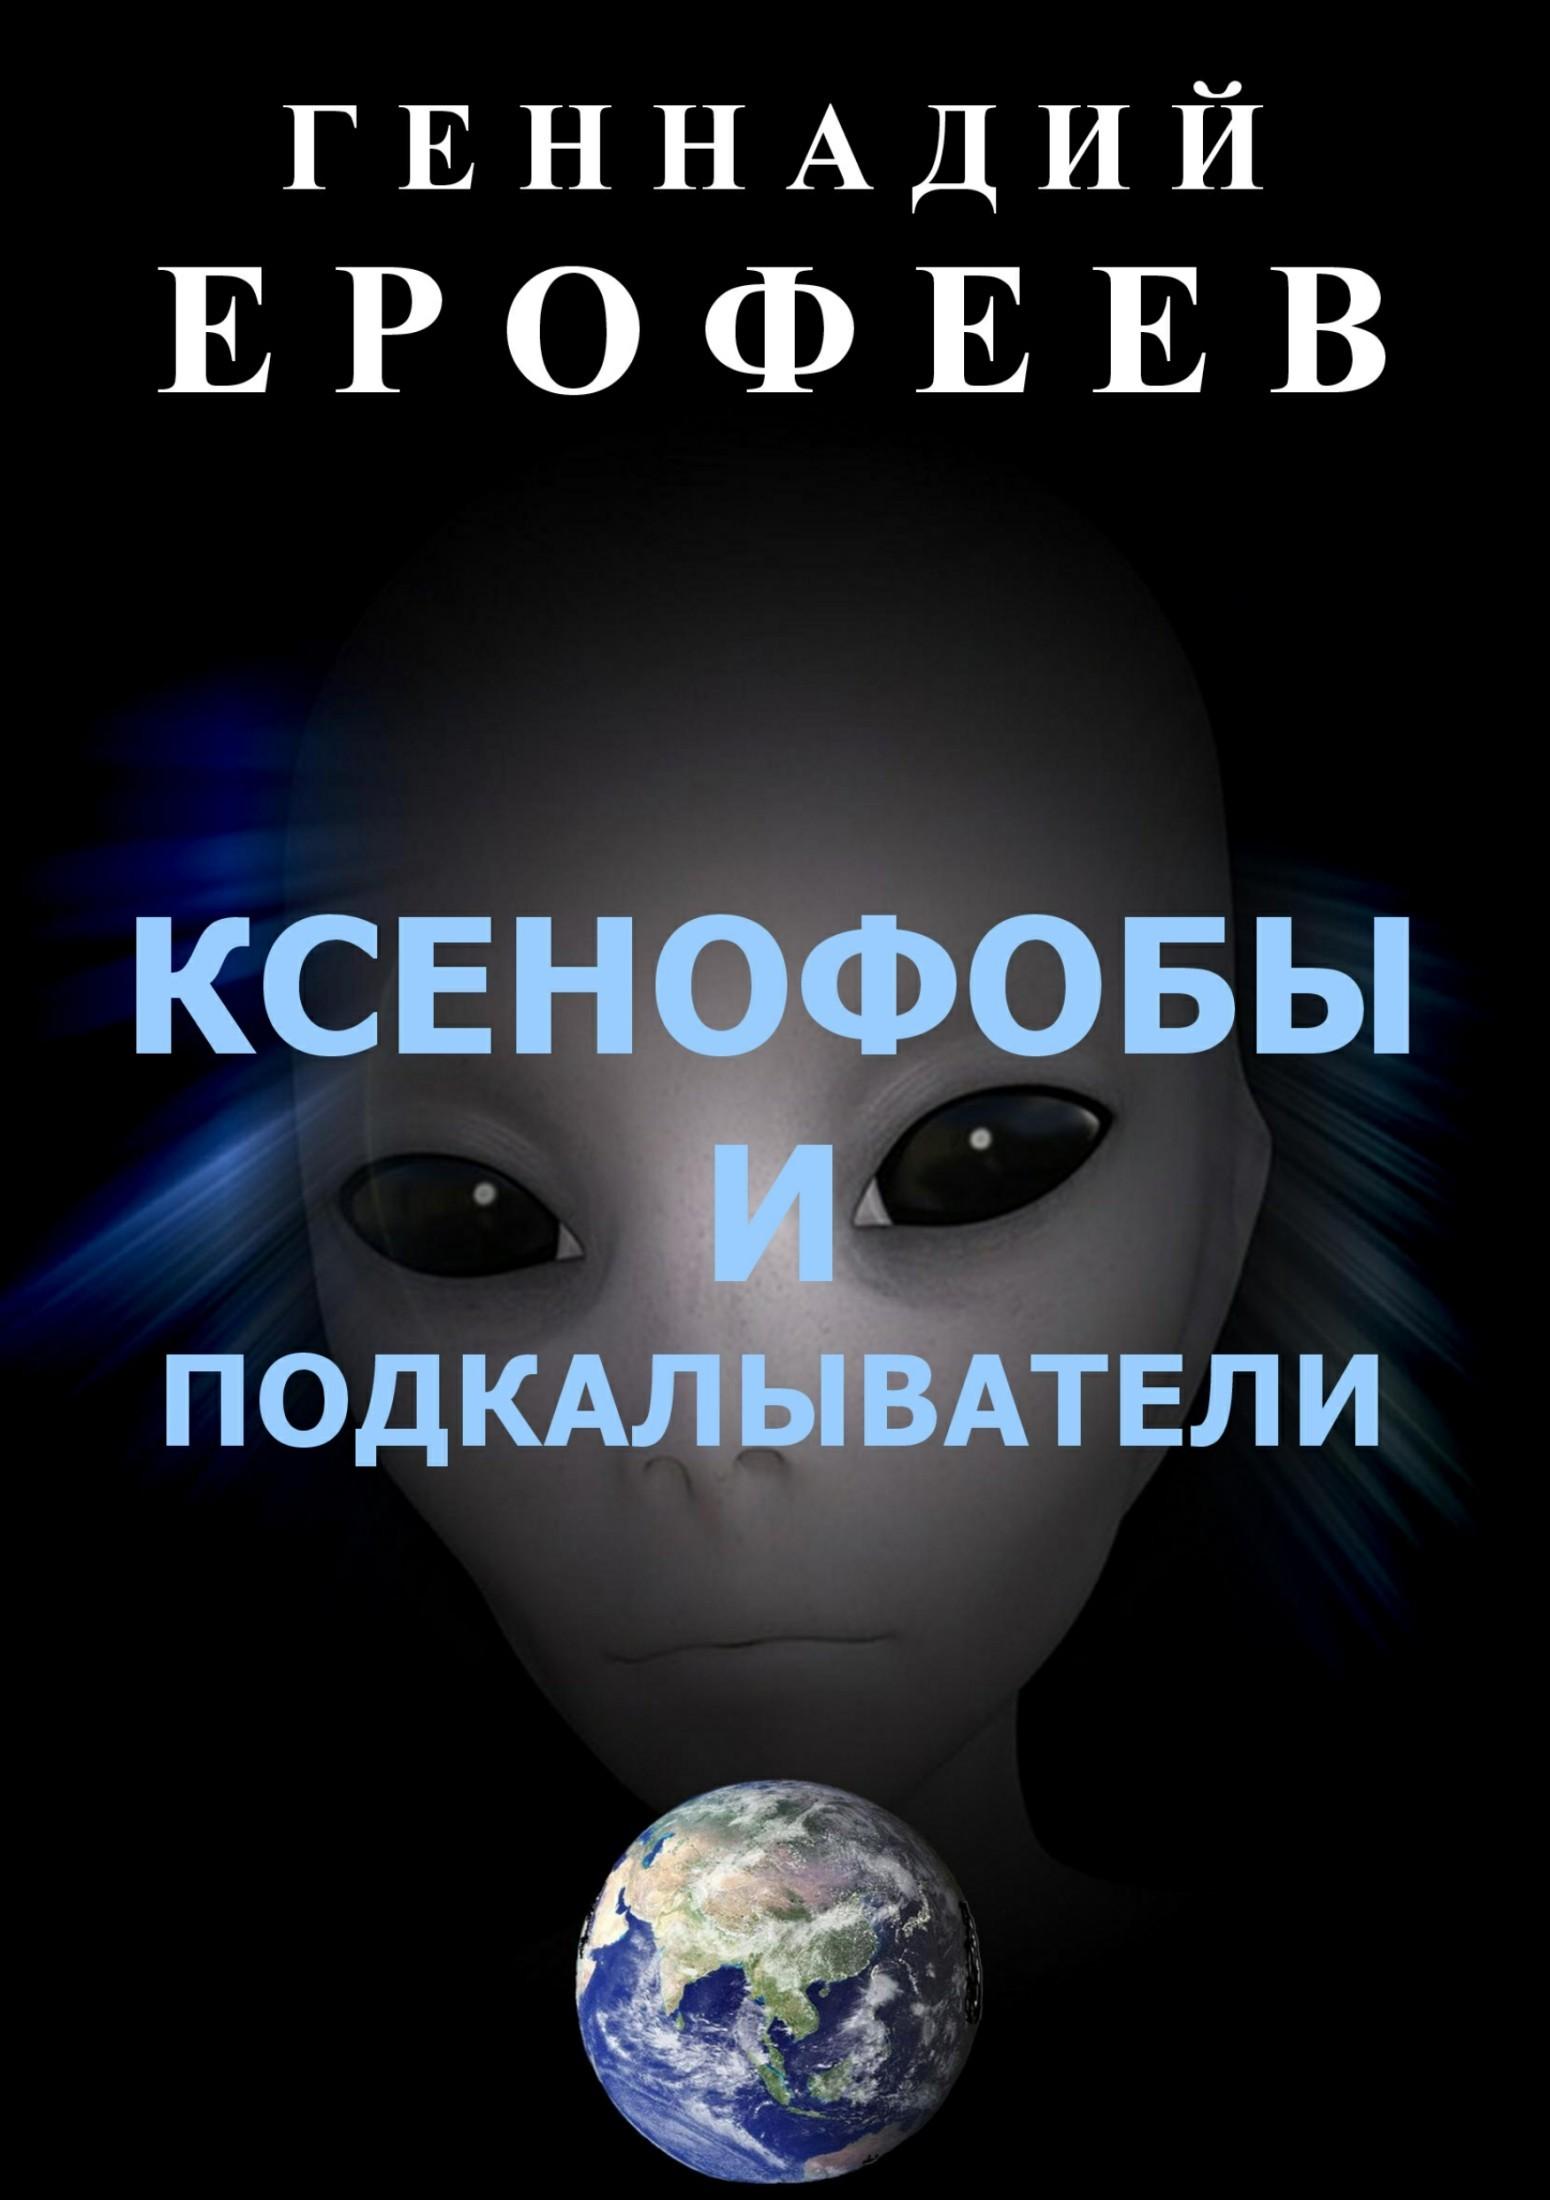 Геннадий Ерофеев. Ксенофобы и подкалыватели